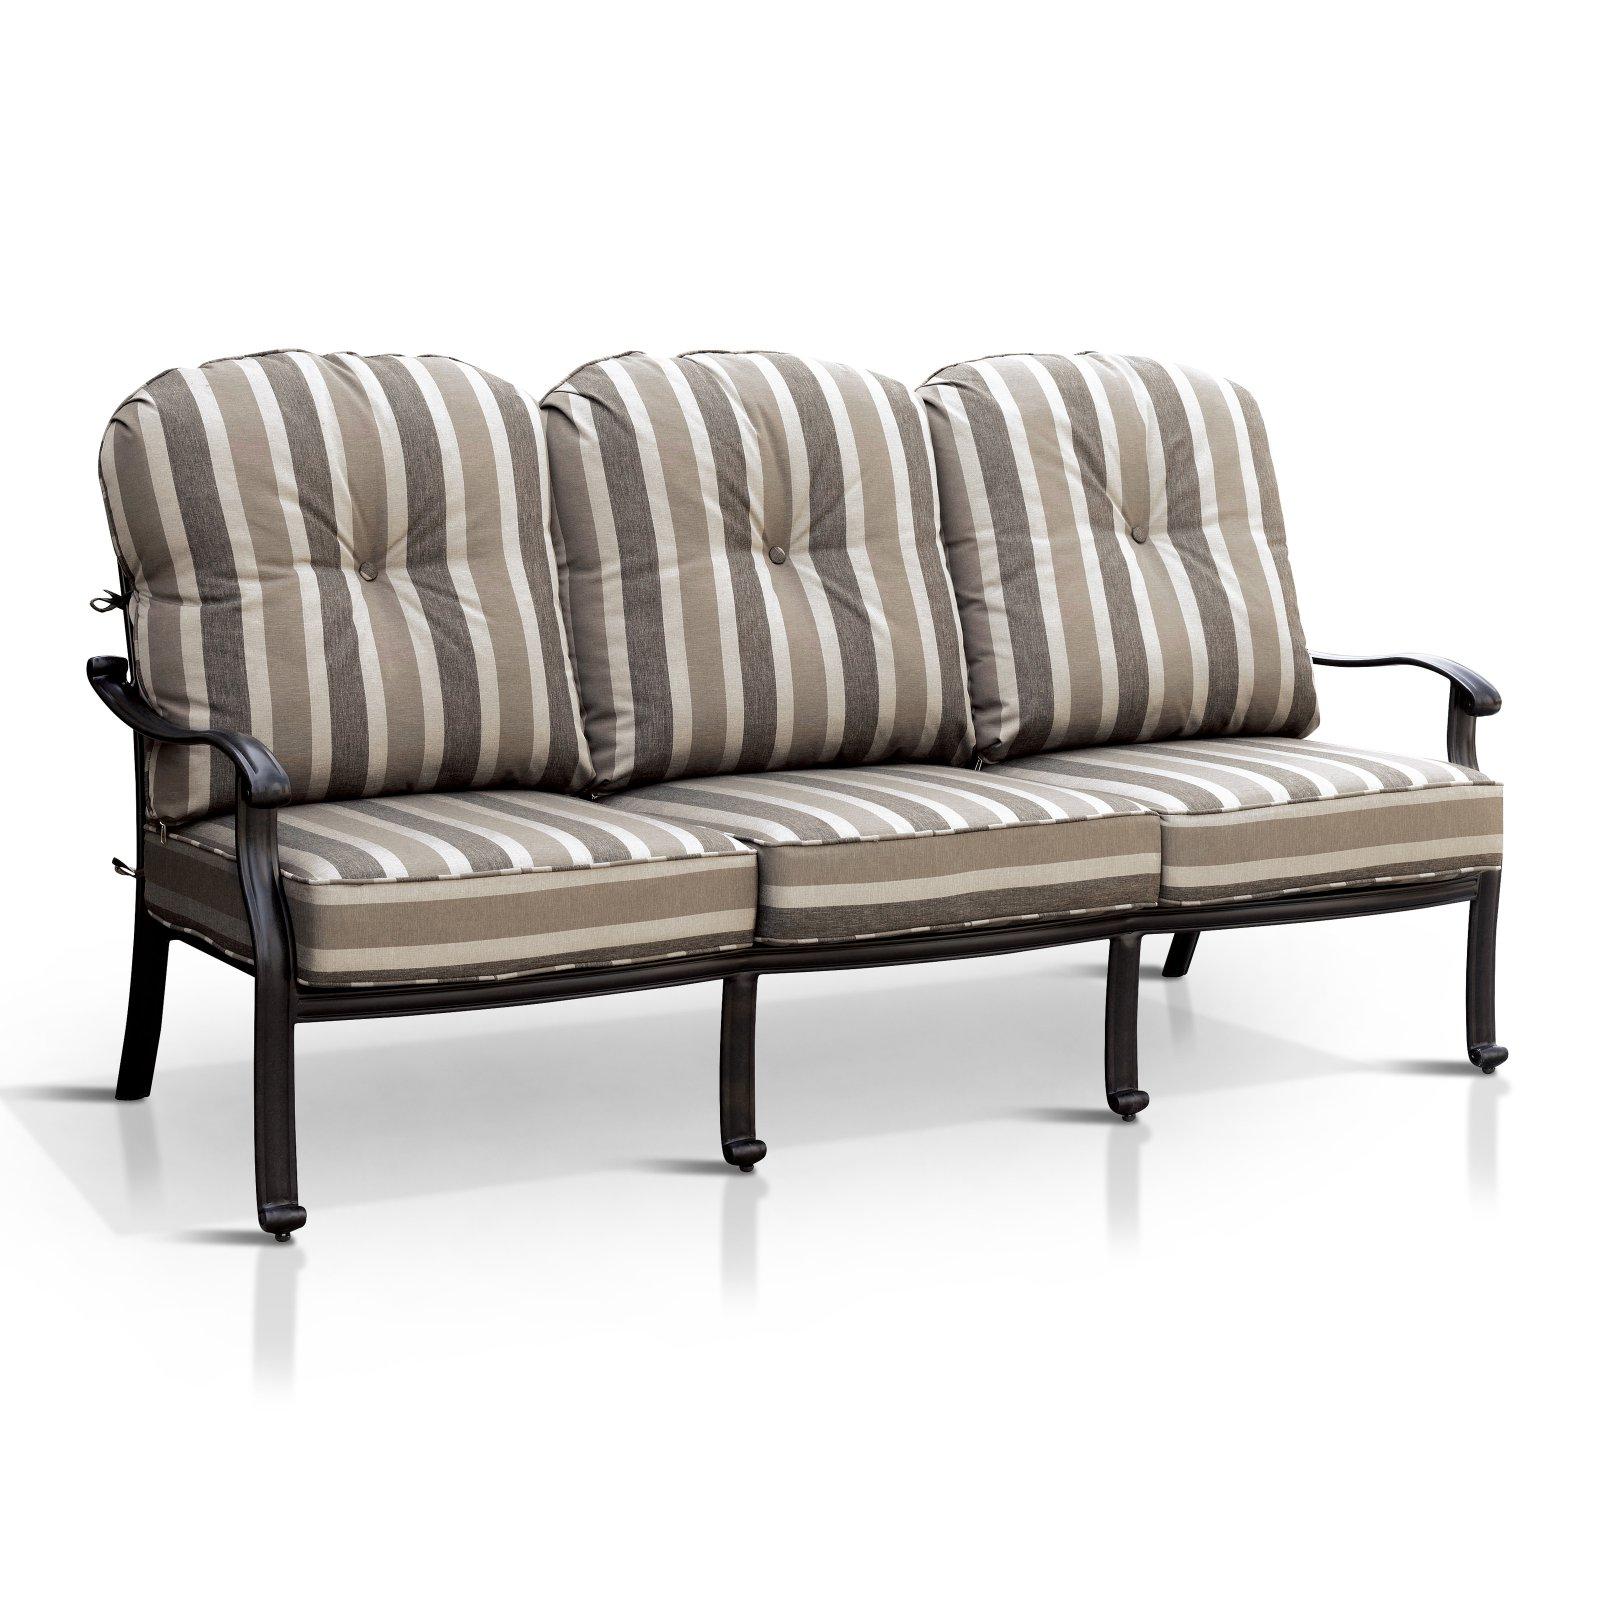 Furniture of America Alline Outdoor Sofa